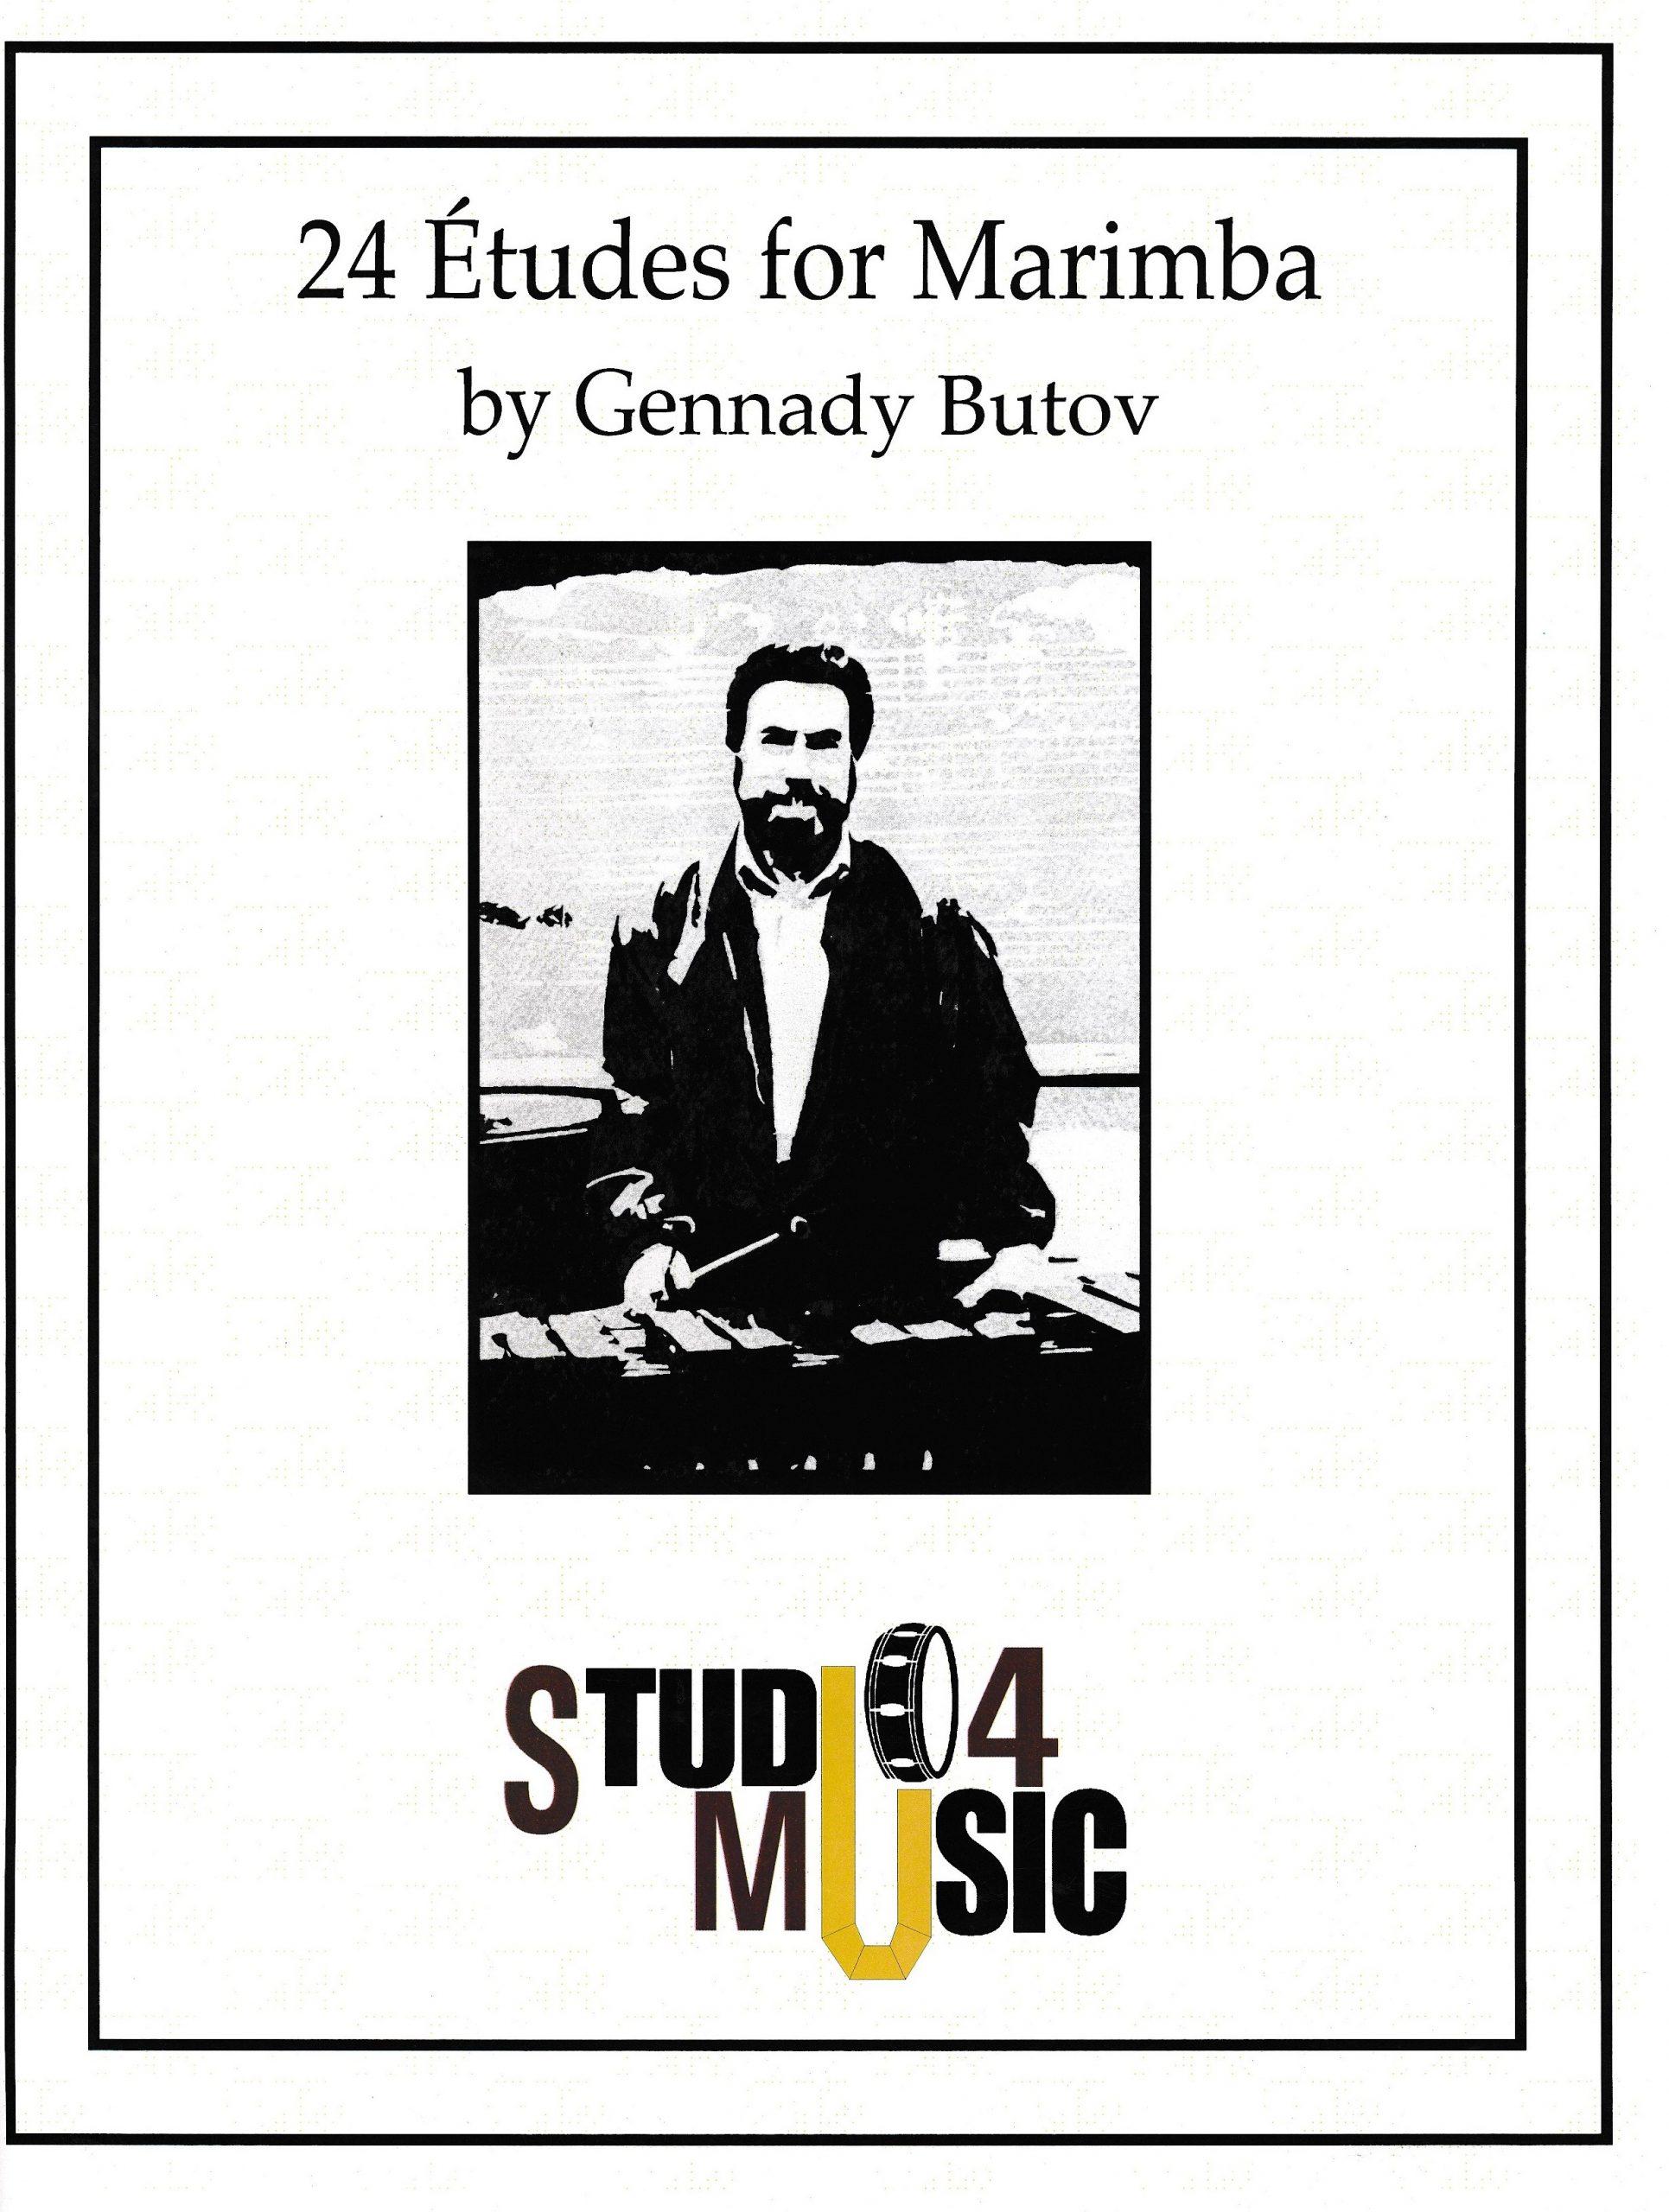 24 Etudes for Marimba